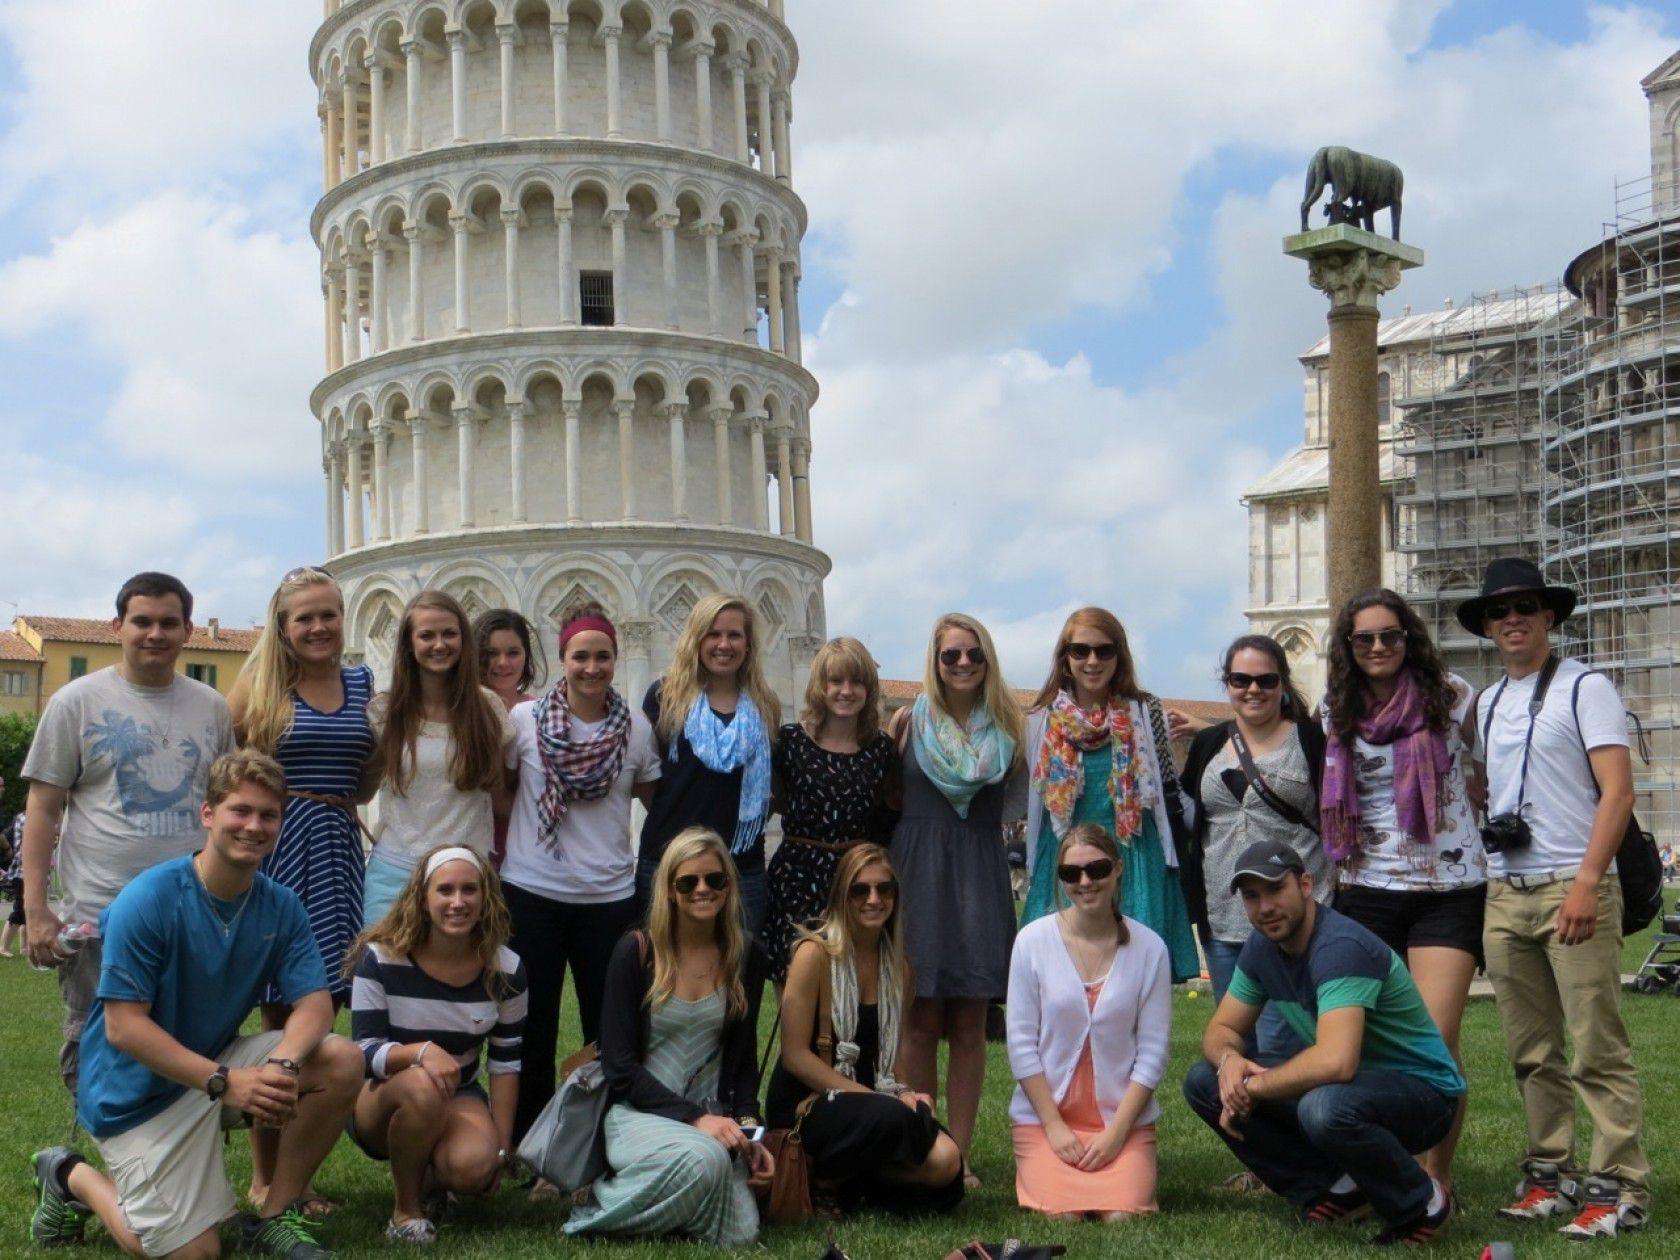 İtalya'da Kolej Eğitimi Almak İsteyen Öğrencilerin ISEE Sınavı ile Alakalı Bilmesi Gerekenler